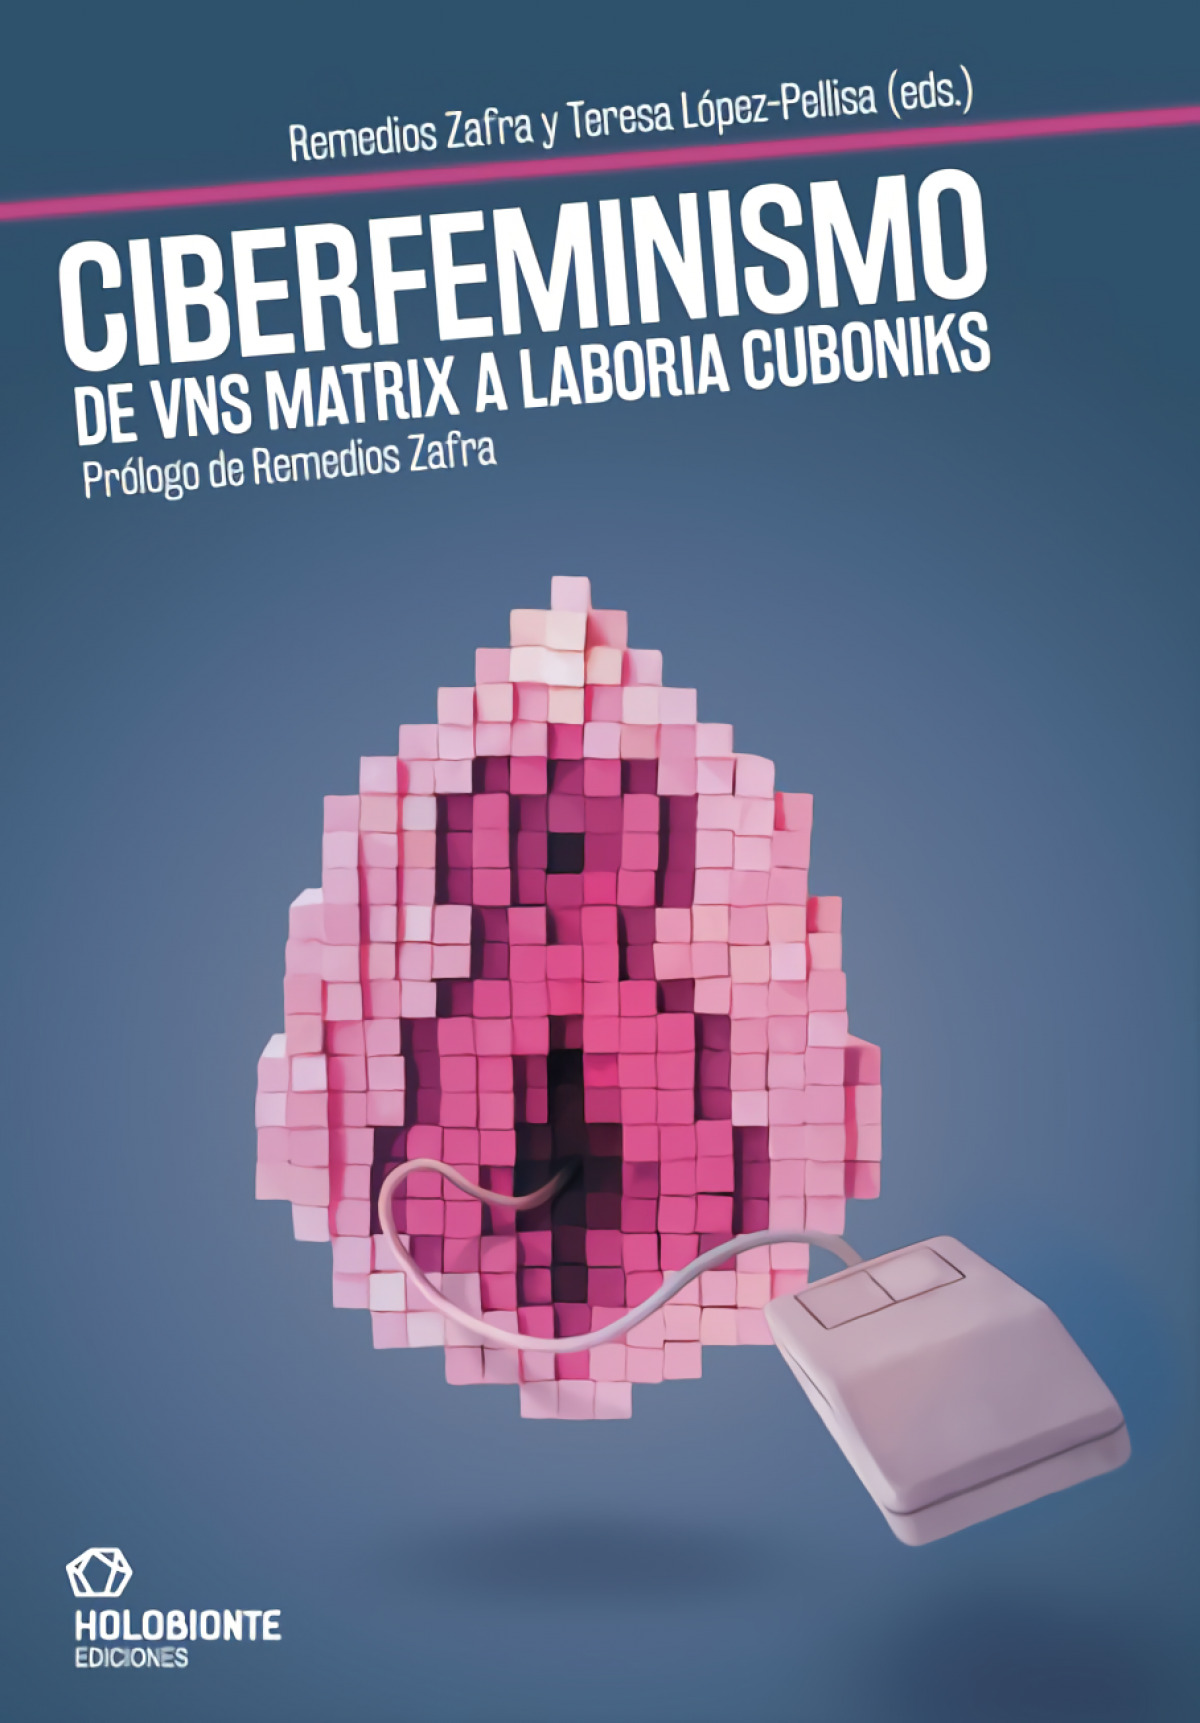 Ciberfeminismo de vns matrix a laboria cuboniks